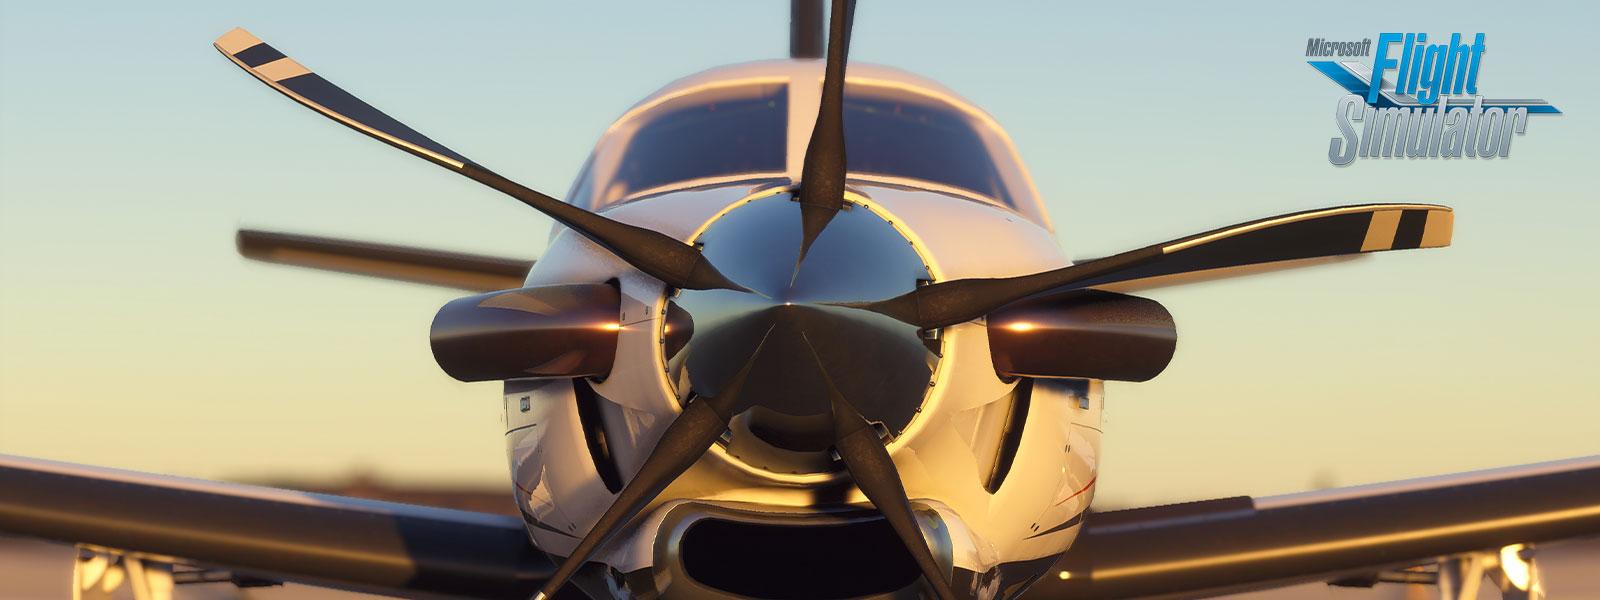 Vista frontal de un avión en tierra